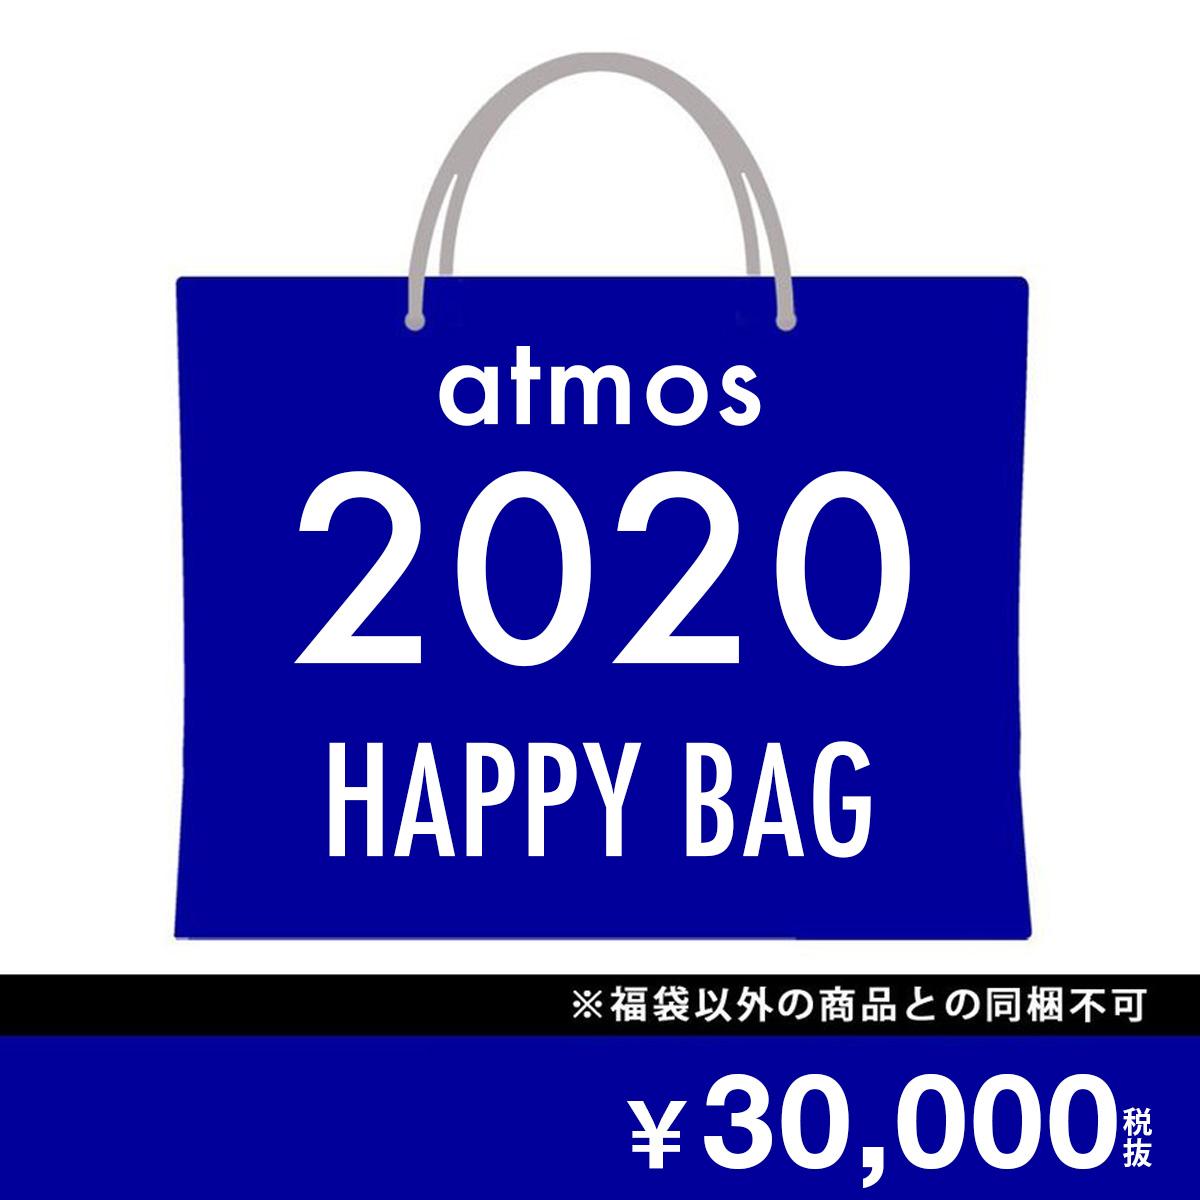 大特価 atmos【2020年福袋】 HAPPY BAG 2020【2020年福袋】 三万円 (MENS)アトモス 2020 フクブクロ HAPPY 三万円 メンズ【メンズ 福袋】20SP-S:atmos pink, 超可爱の:a6f9a132 --- nagari.or.id